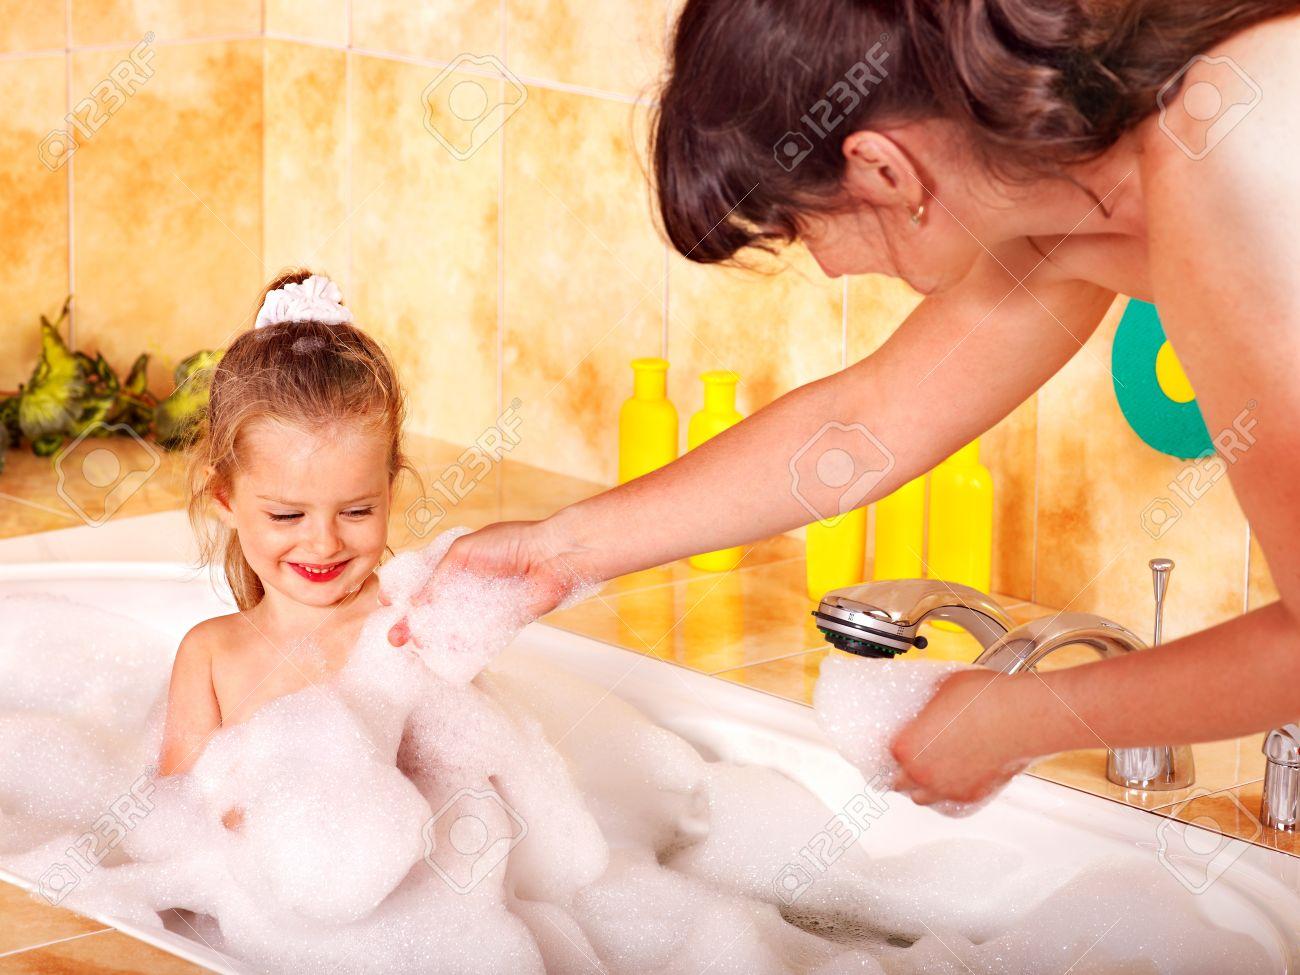 Фото мам с дочкой в ванной 6 фотография